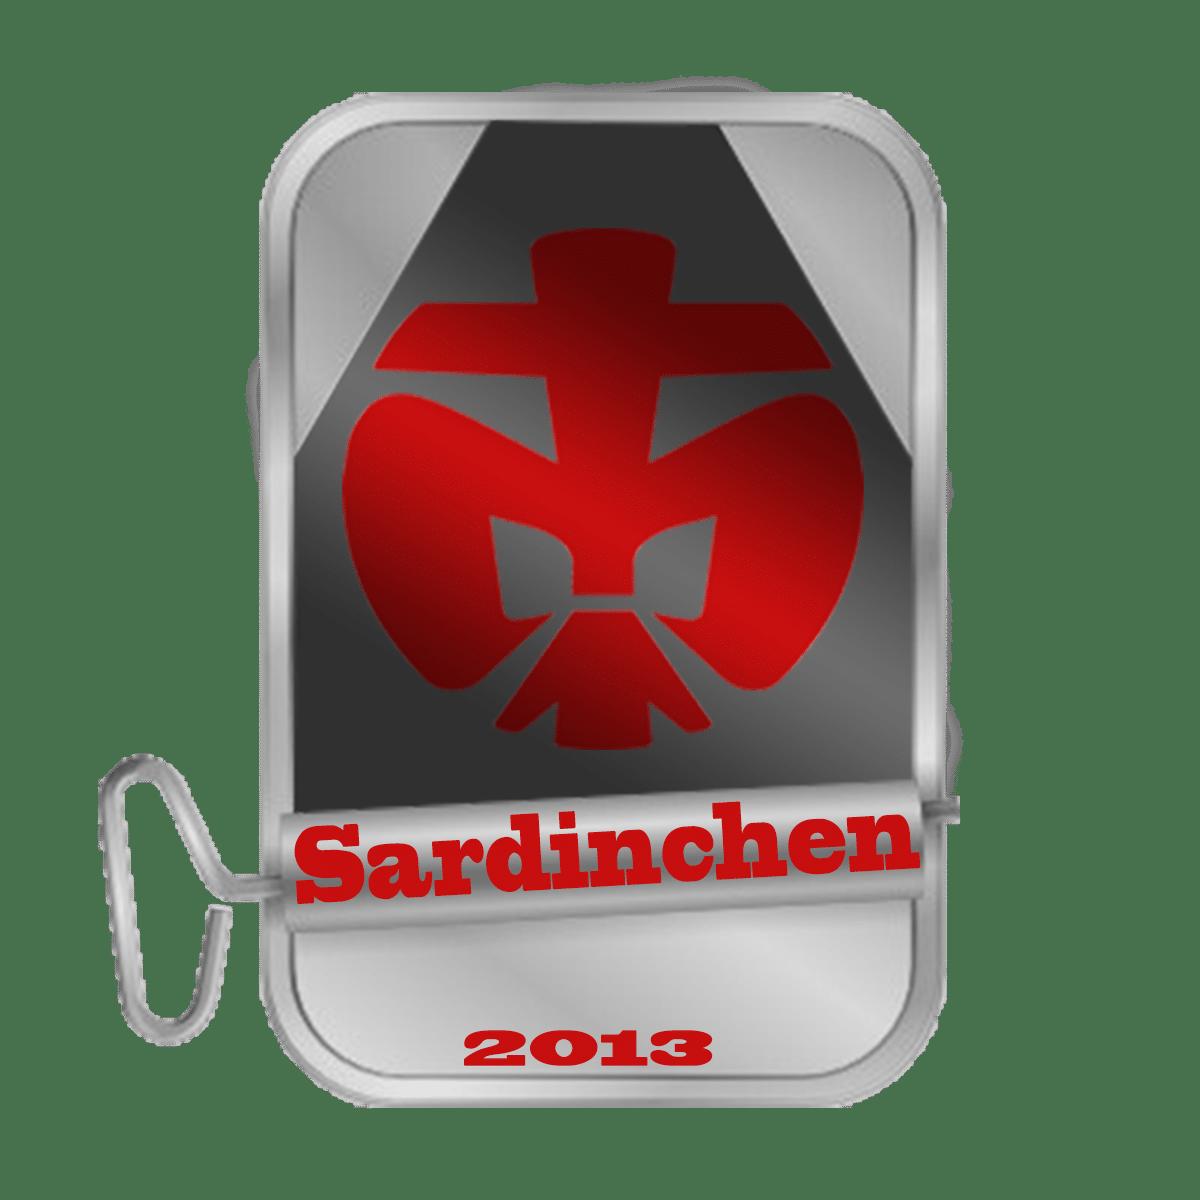 Rosskur 2013 – Rotenfelser Sardinchen stellen sich der Herausforderung